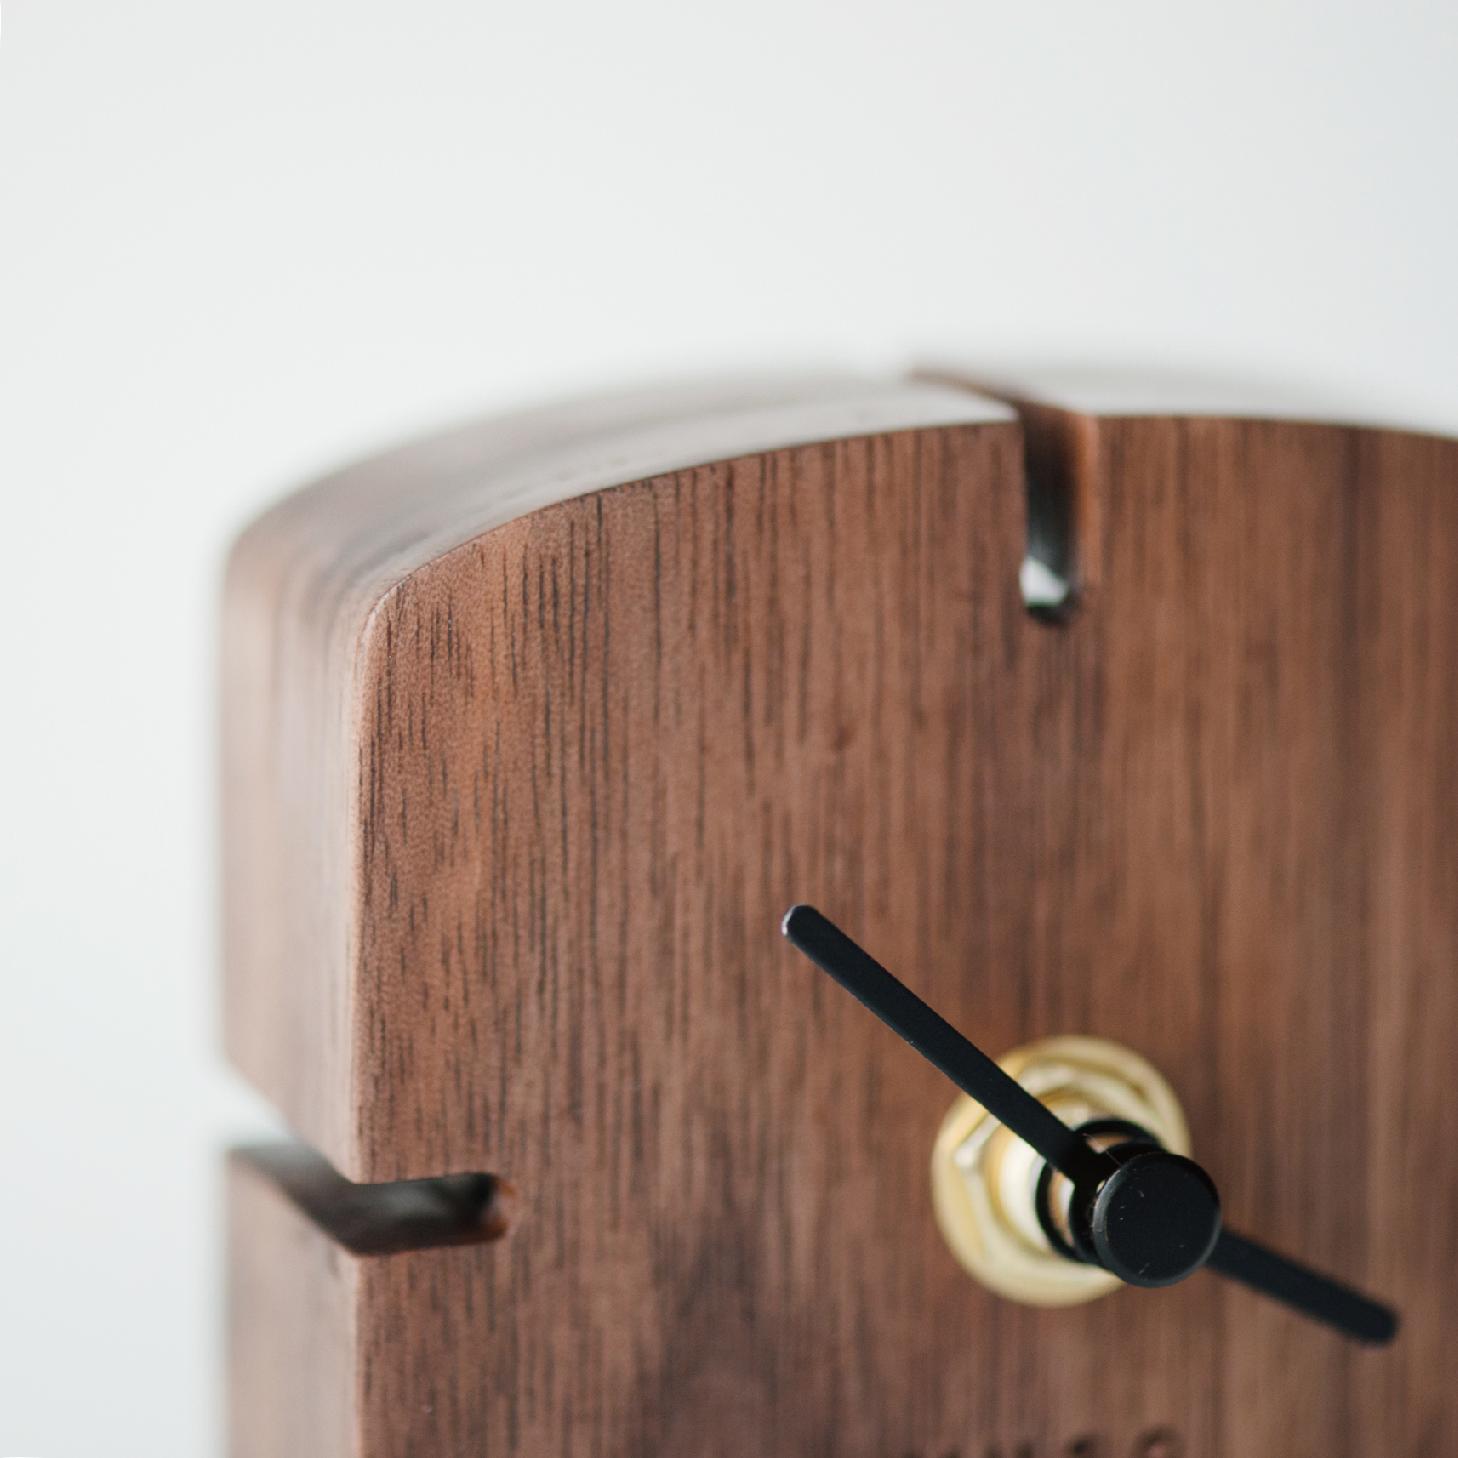 【有所的设计】弧顶时记胡桃实木无声台式静音床头小钟表闹钟摆件